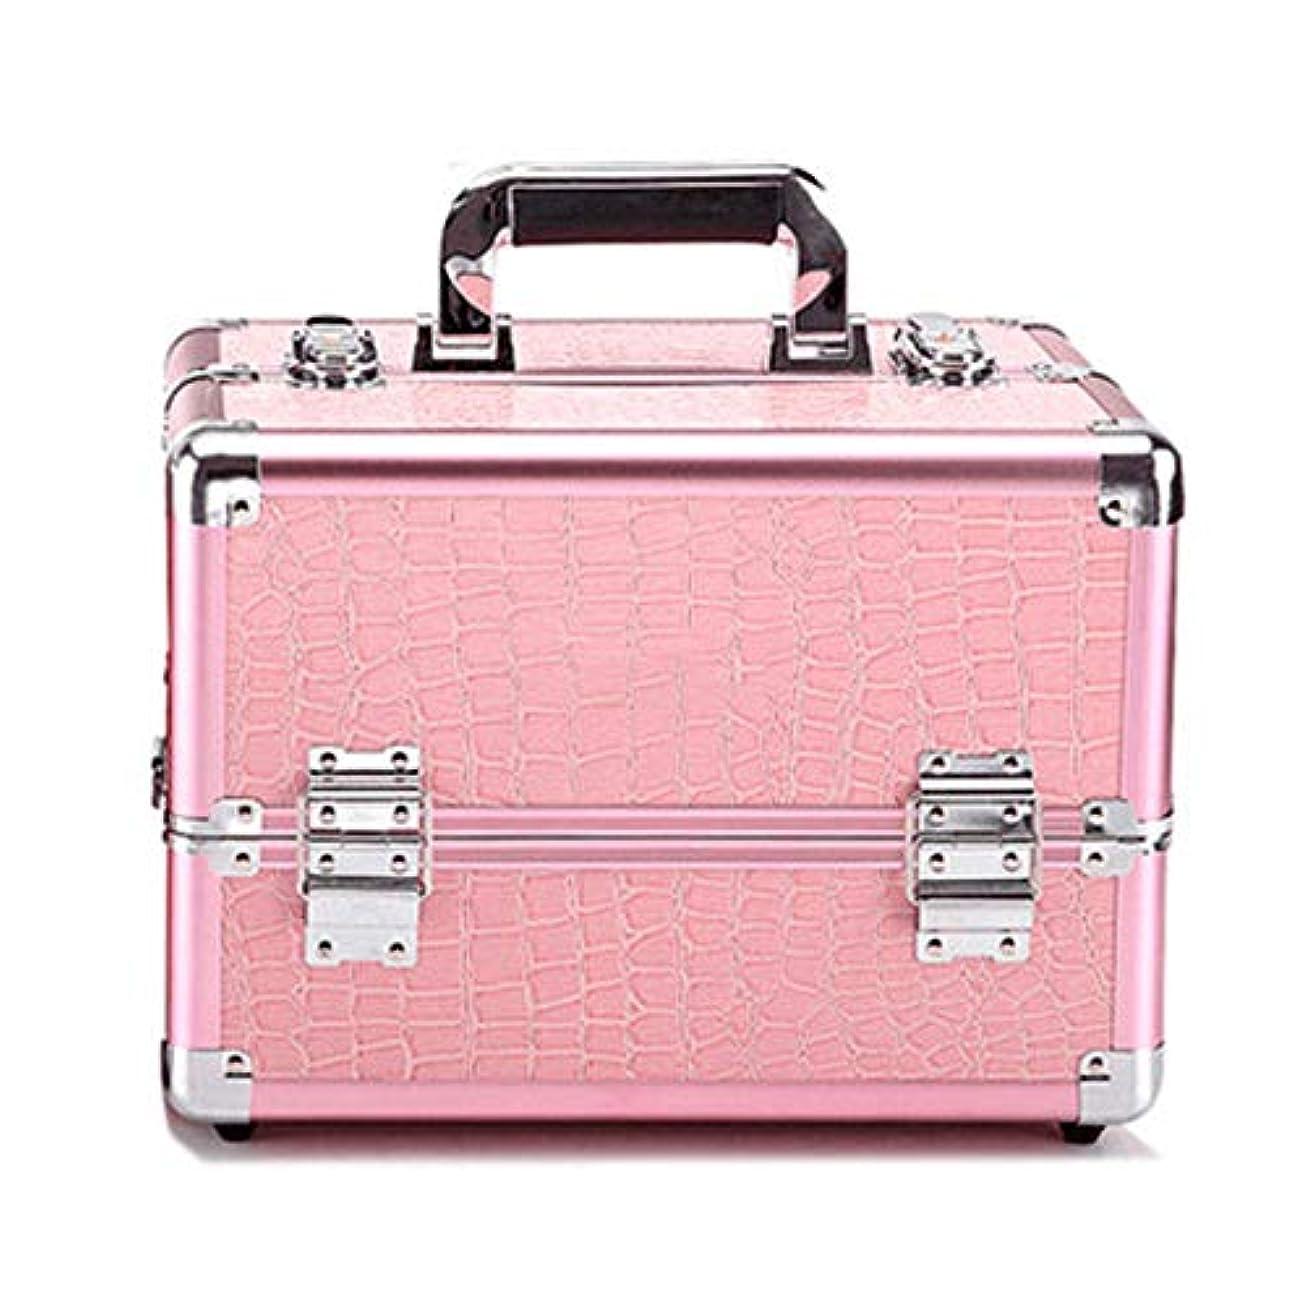 マザーランドブリリアント毎年化粧オーガナイザーバッグ プロフェッショナルアルミの美容ケースは、ネイル化粧箱ベニチオオーガナイザーのワニパターンをメイクアップ 化粧品ケース (色 : Pink(M))